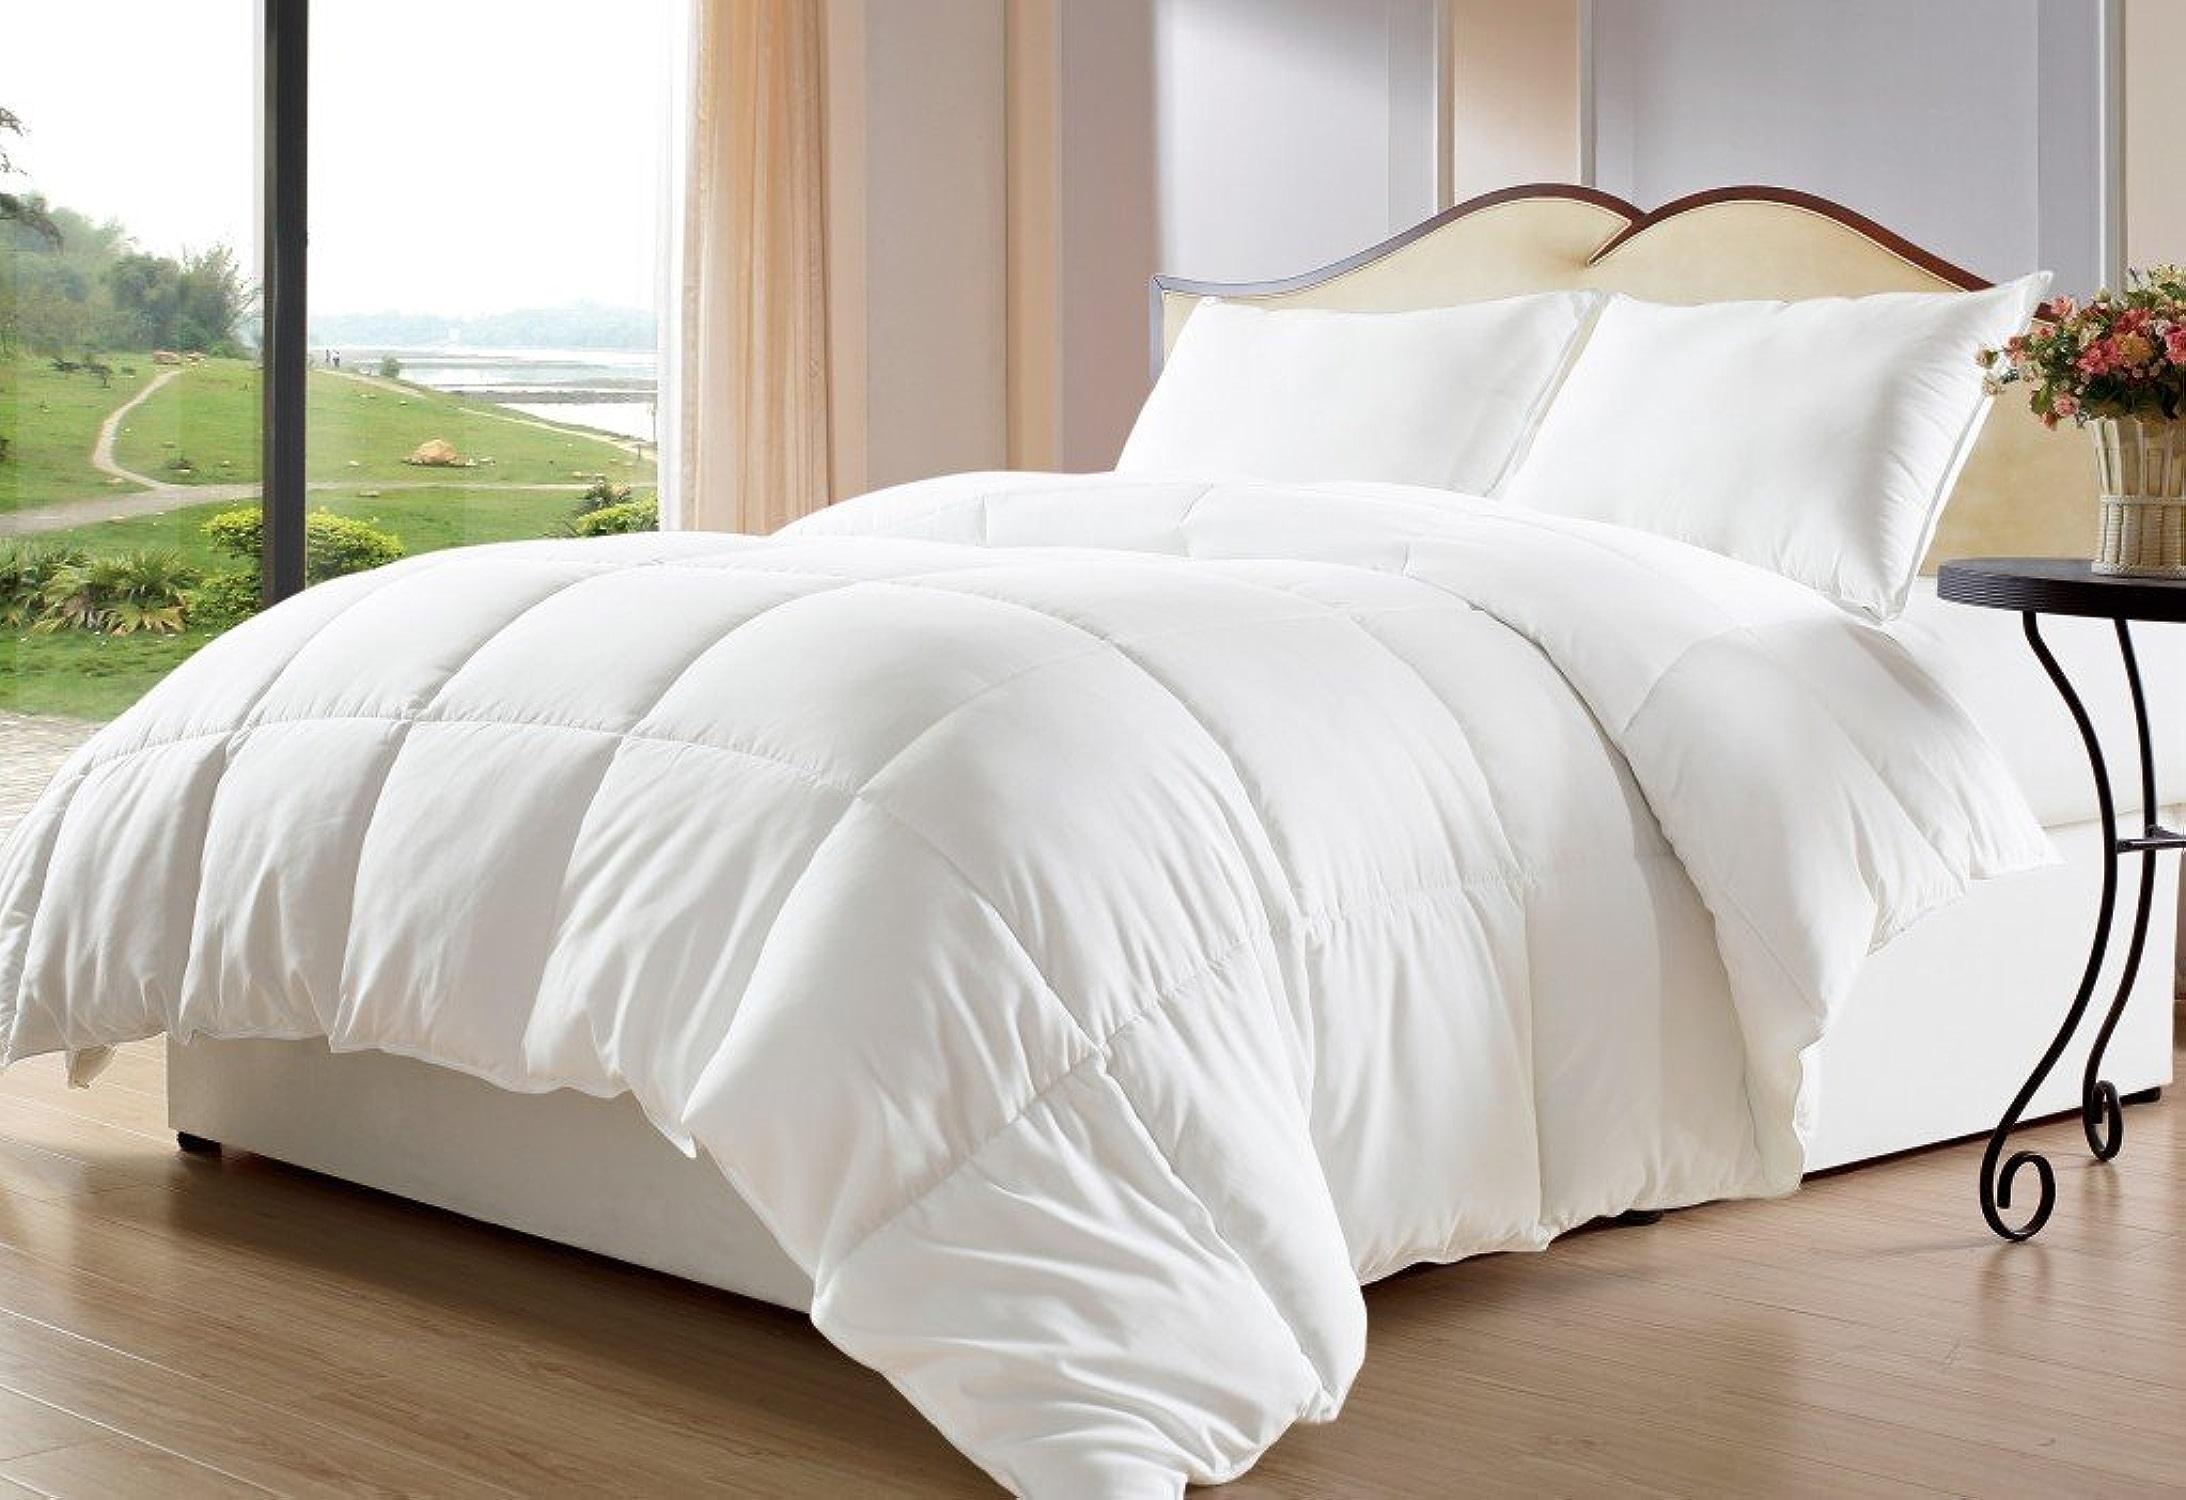 Dreamz étui Parure de lit Ultra Doux 100% Coton 500fils cm2 1housse couette (100g m2 en fibre) Euro Grand simple, blanc massif Scala Set Doudou en coton égypcravaten